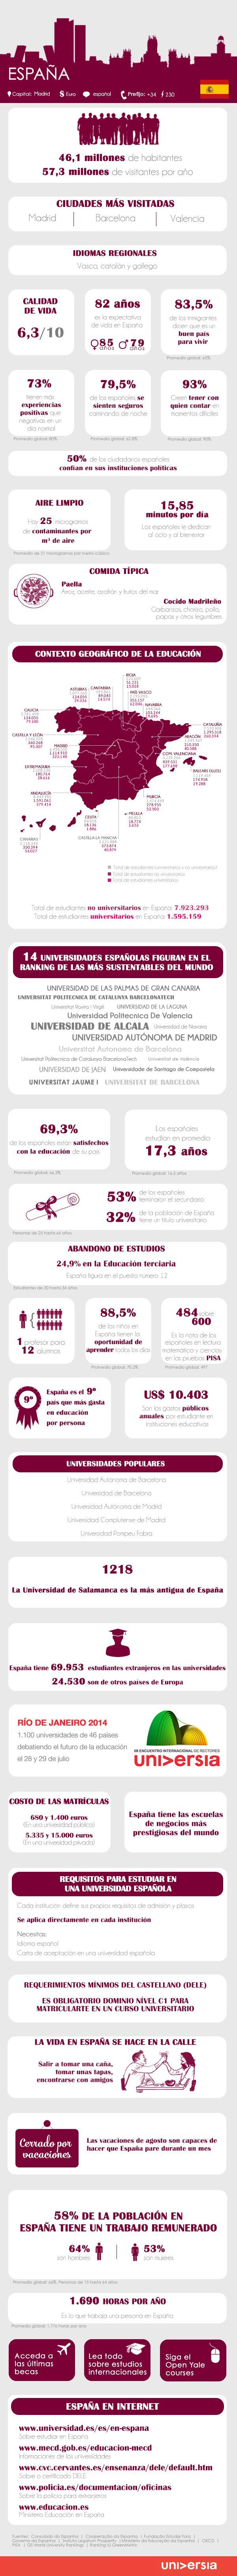 30 claves para estudiar y trabajar en España #infografia #infographic #empleo